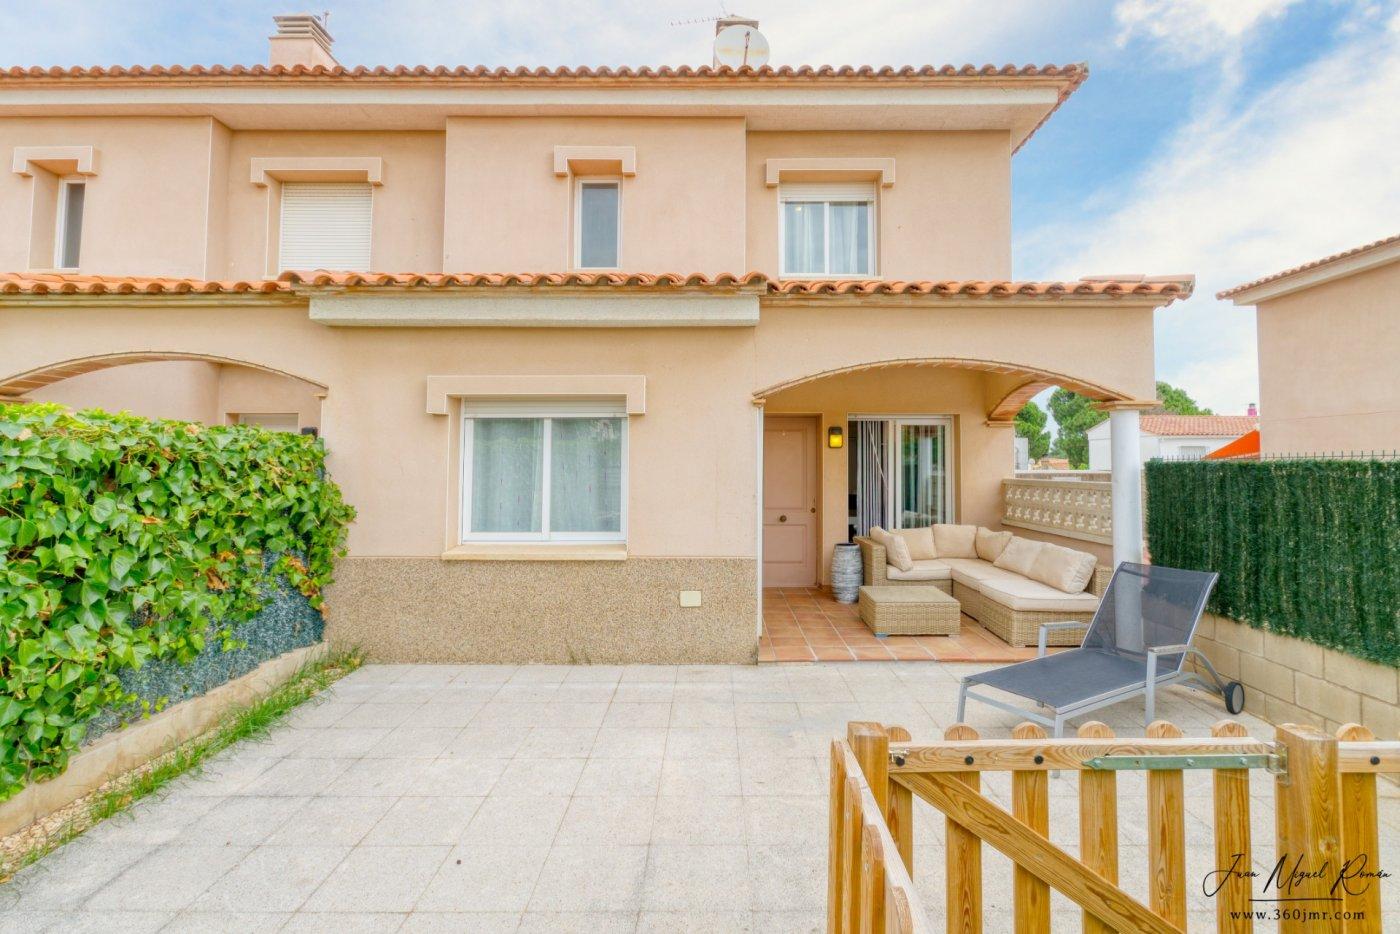 Apartamento, Riells, Venta - Girona (Girona)